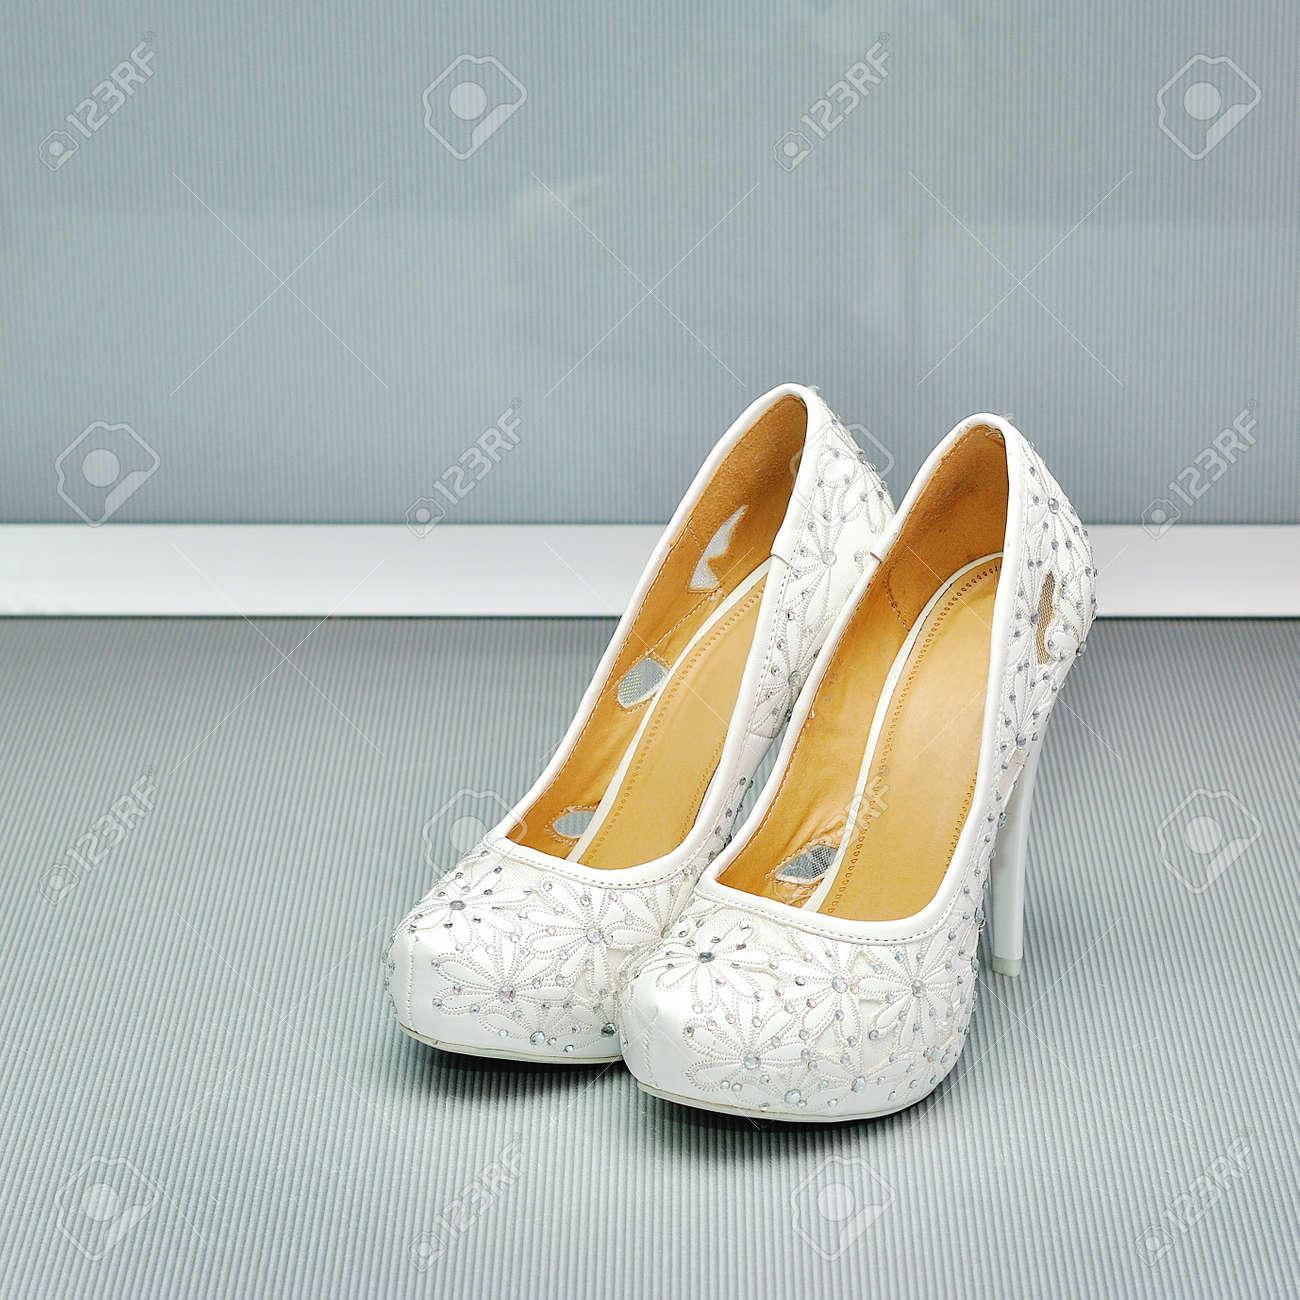 9d15943772 Foto de archivo - Par de zapatos blancos de tacón alto para mujer